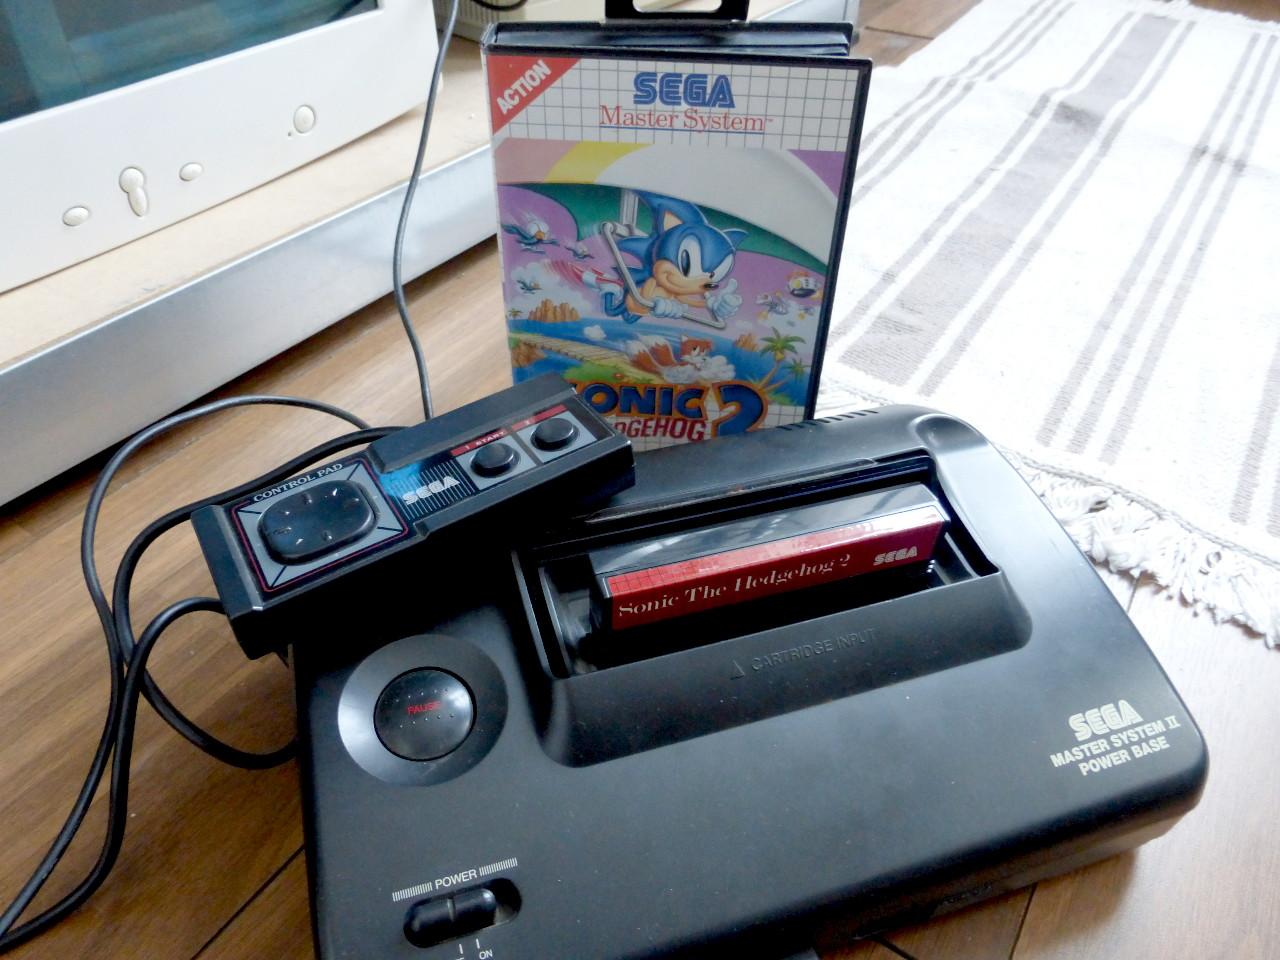 """Das Familienerbstück: ein SEGA Master System II mit Original-Controller und dem Spiel """"Sonic the Hedgehog 2"""". (Bild: Kevin Puschak)"""